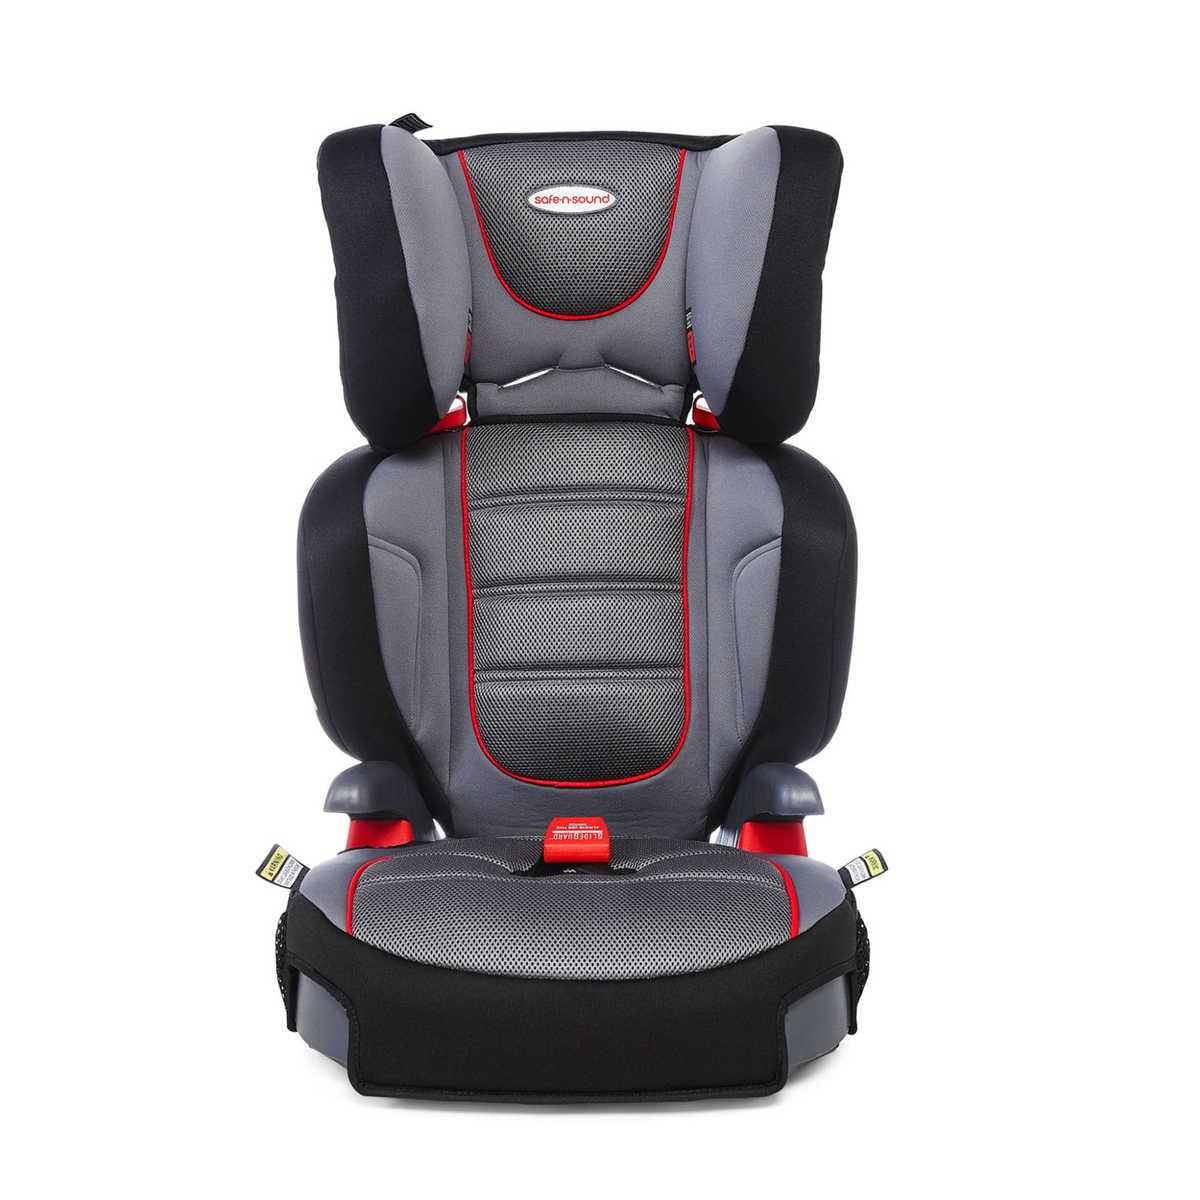 Safe Sound Car Seat Installation